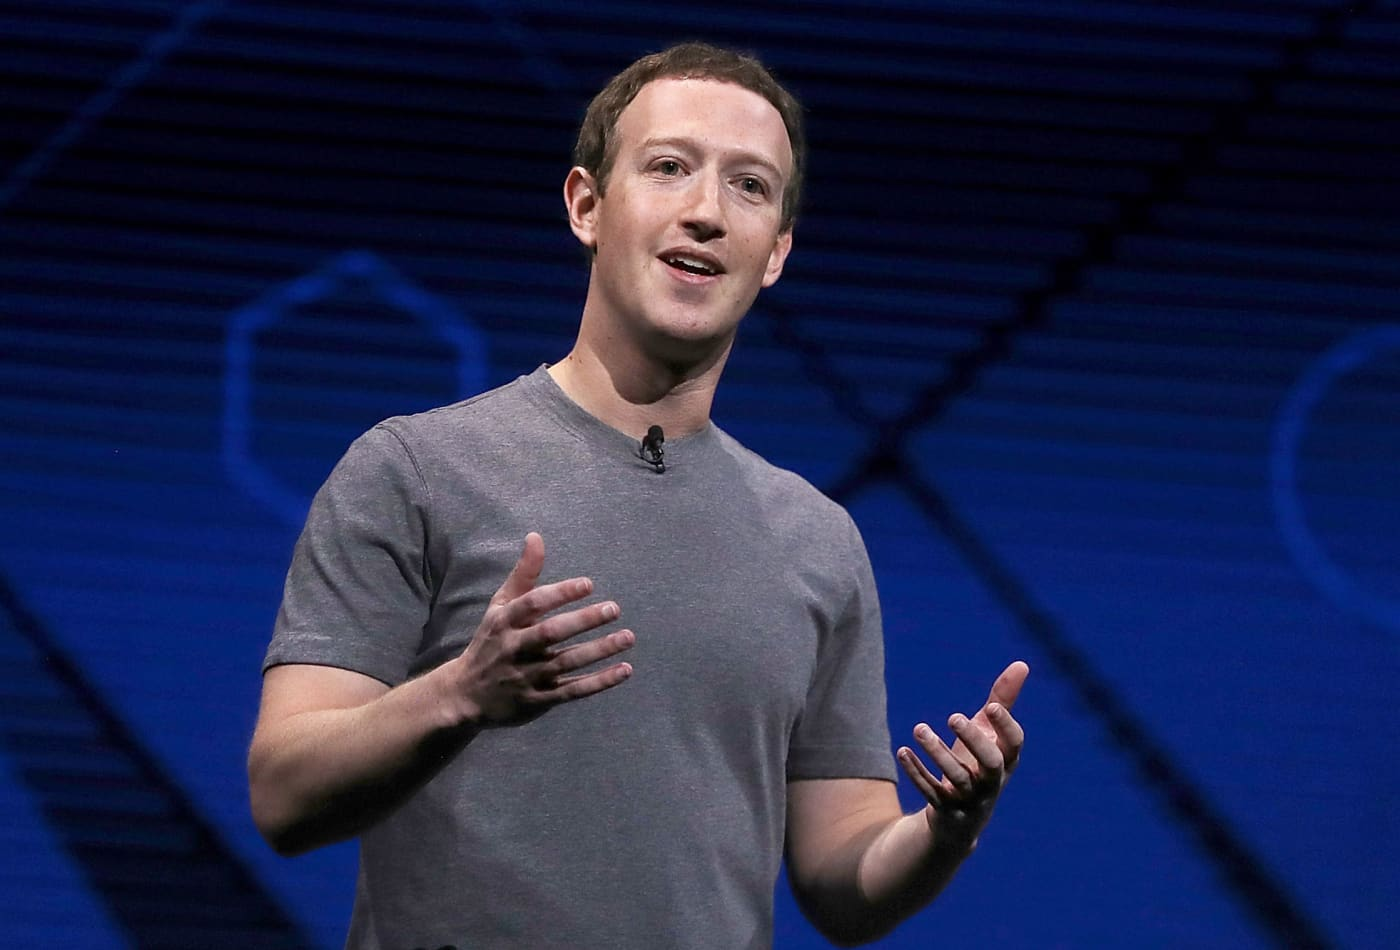 Why Mark Zuckerberg started Facebook